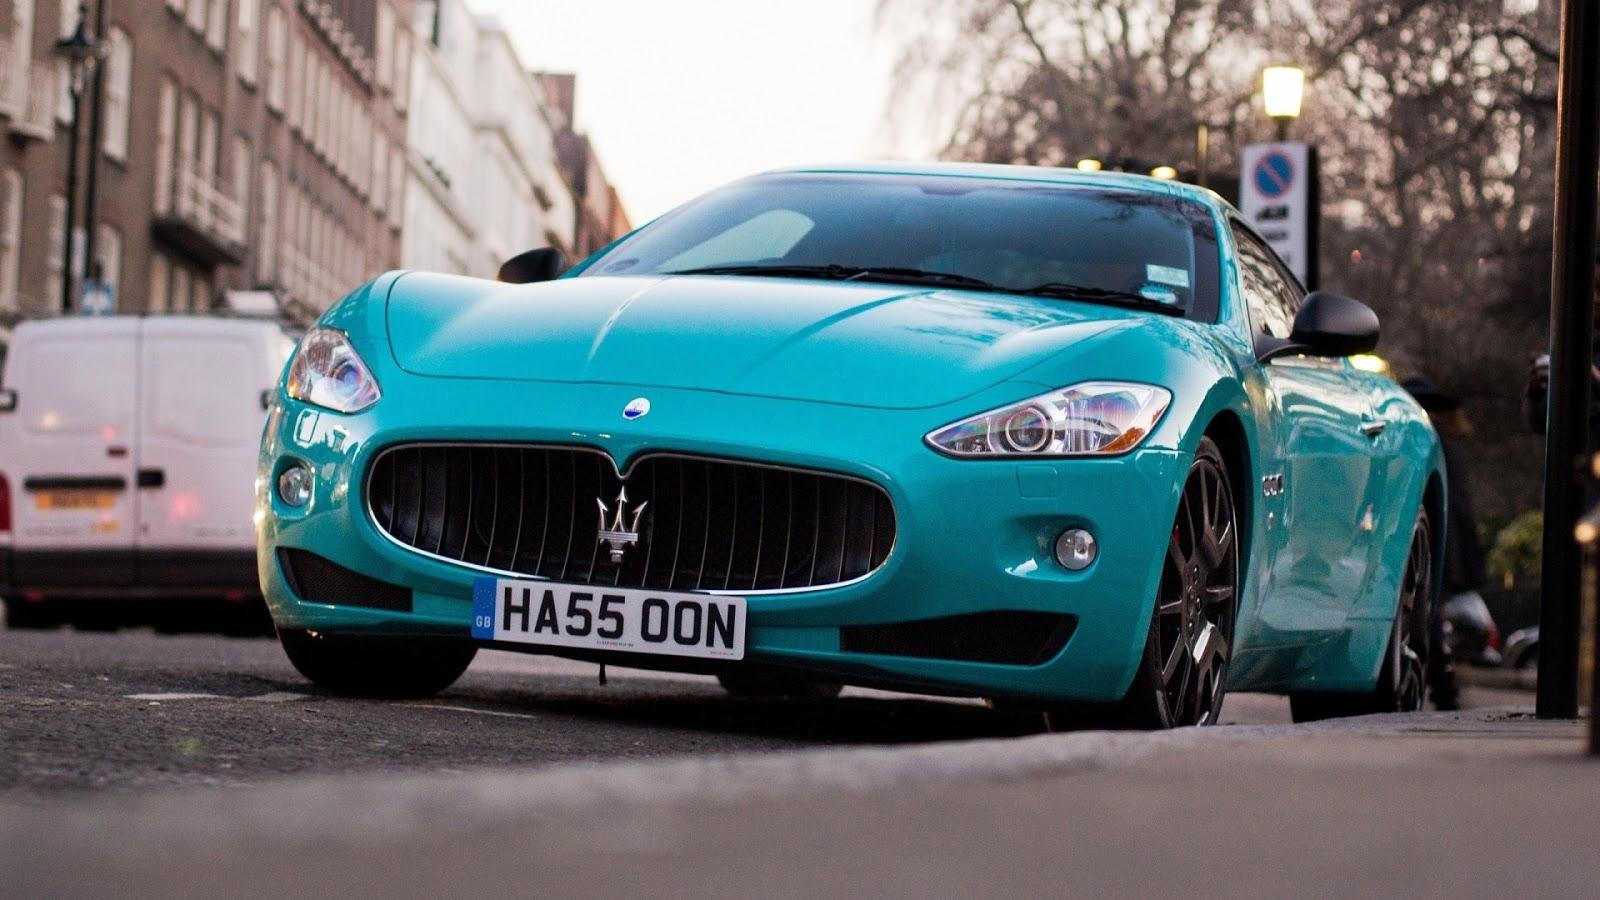 Maserati granturismo blue - photo#13